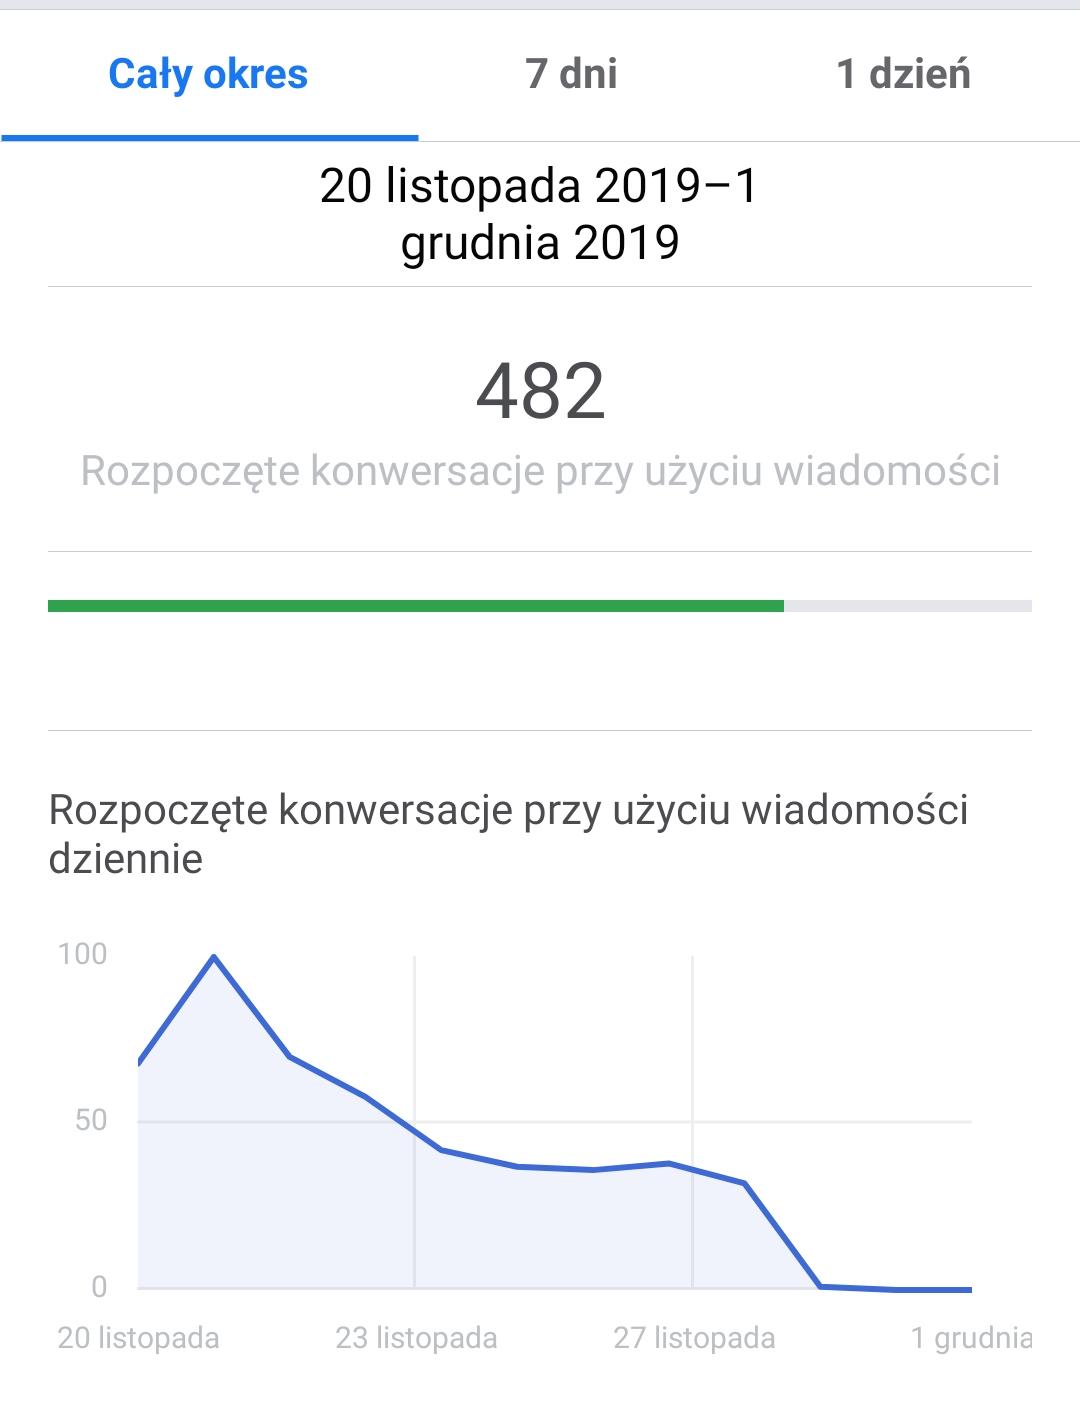 Przykładowy raport z marketingu behawioralnego - niemal 500 rozpoczętych konwersacji w Messengerze